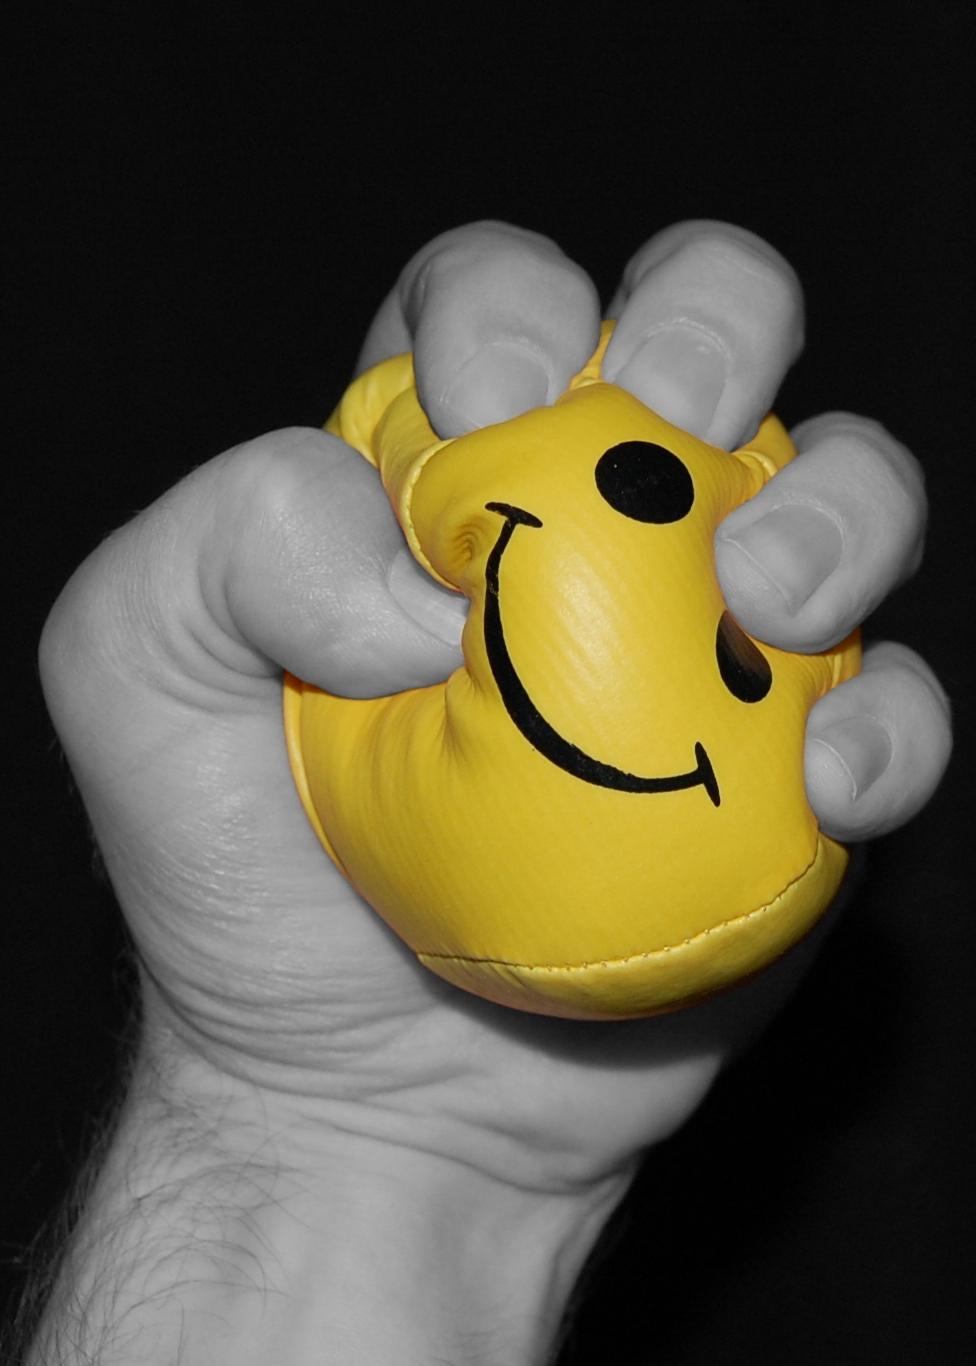 Une main serre une balle de stress.